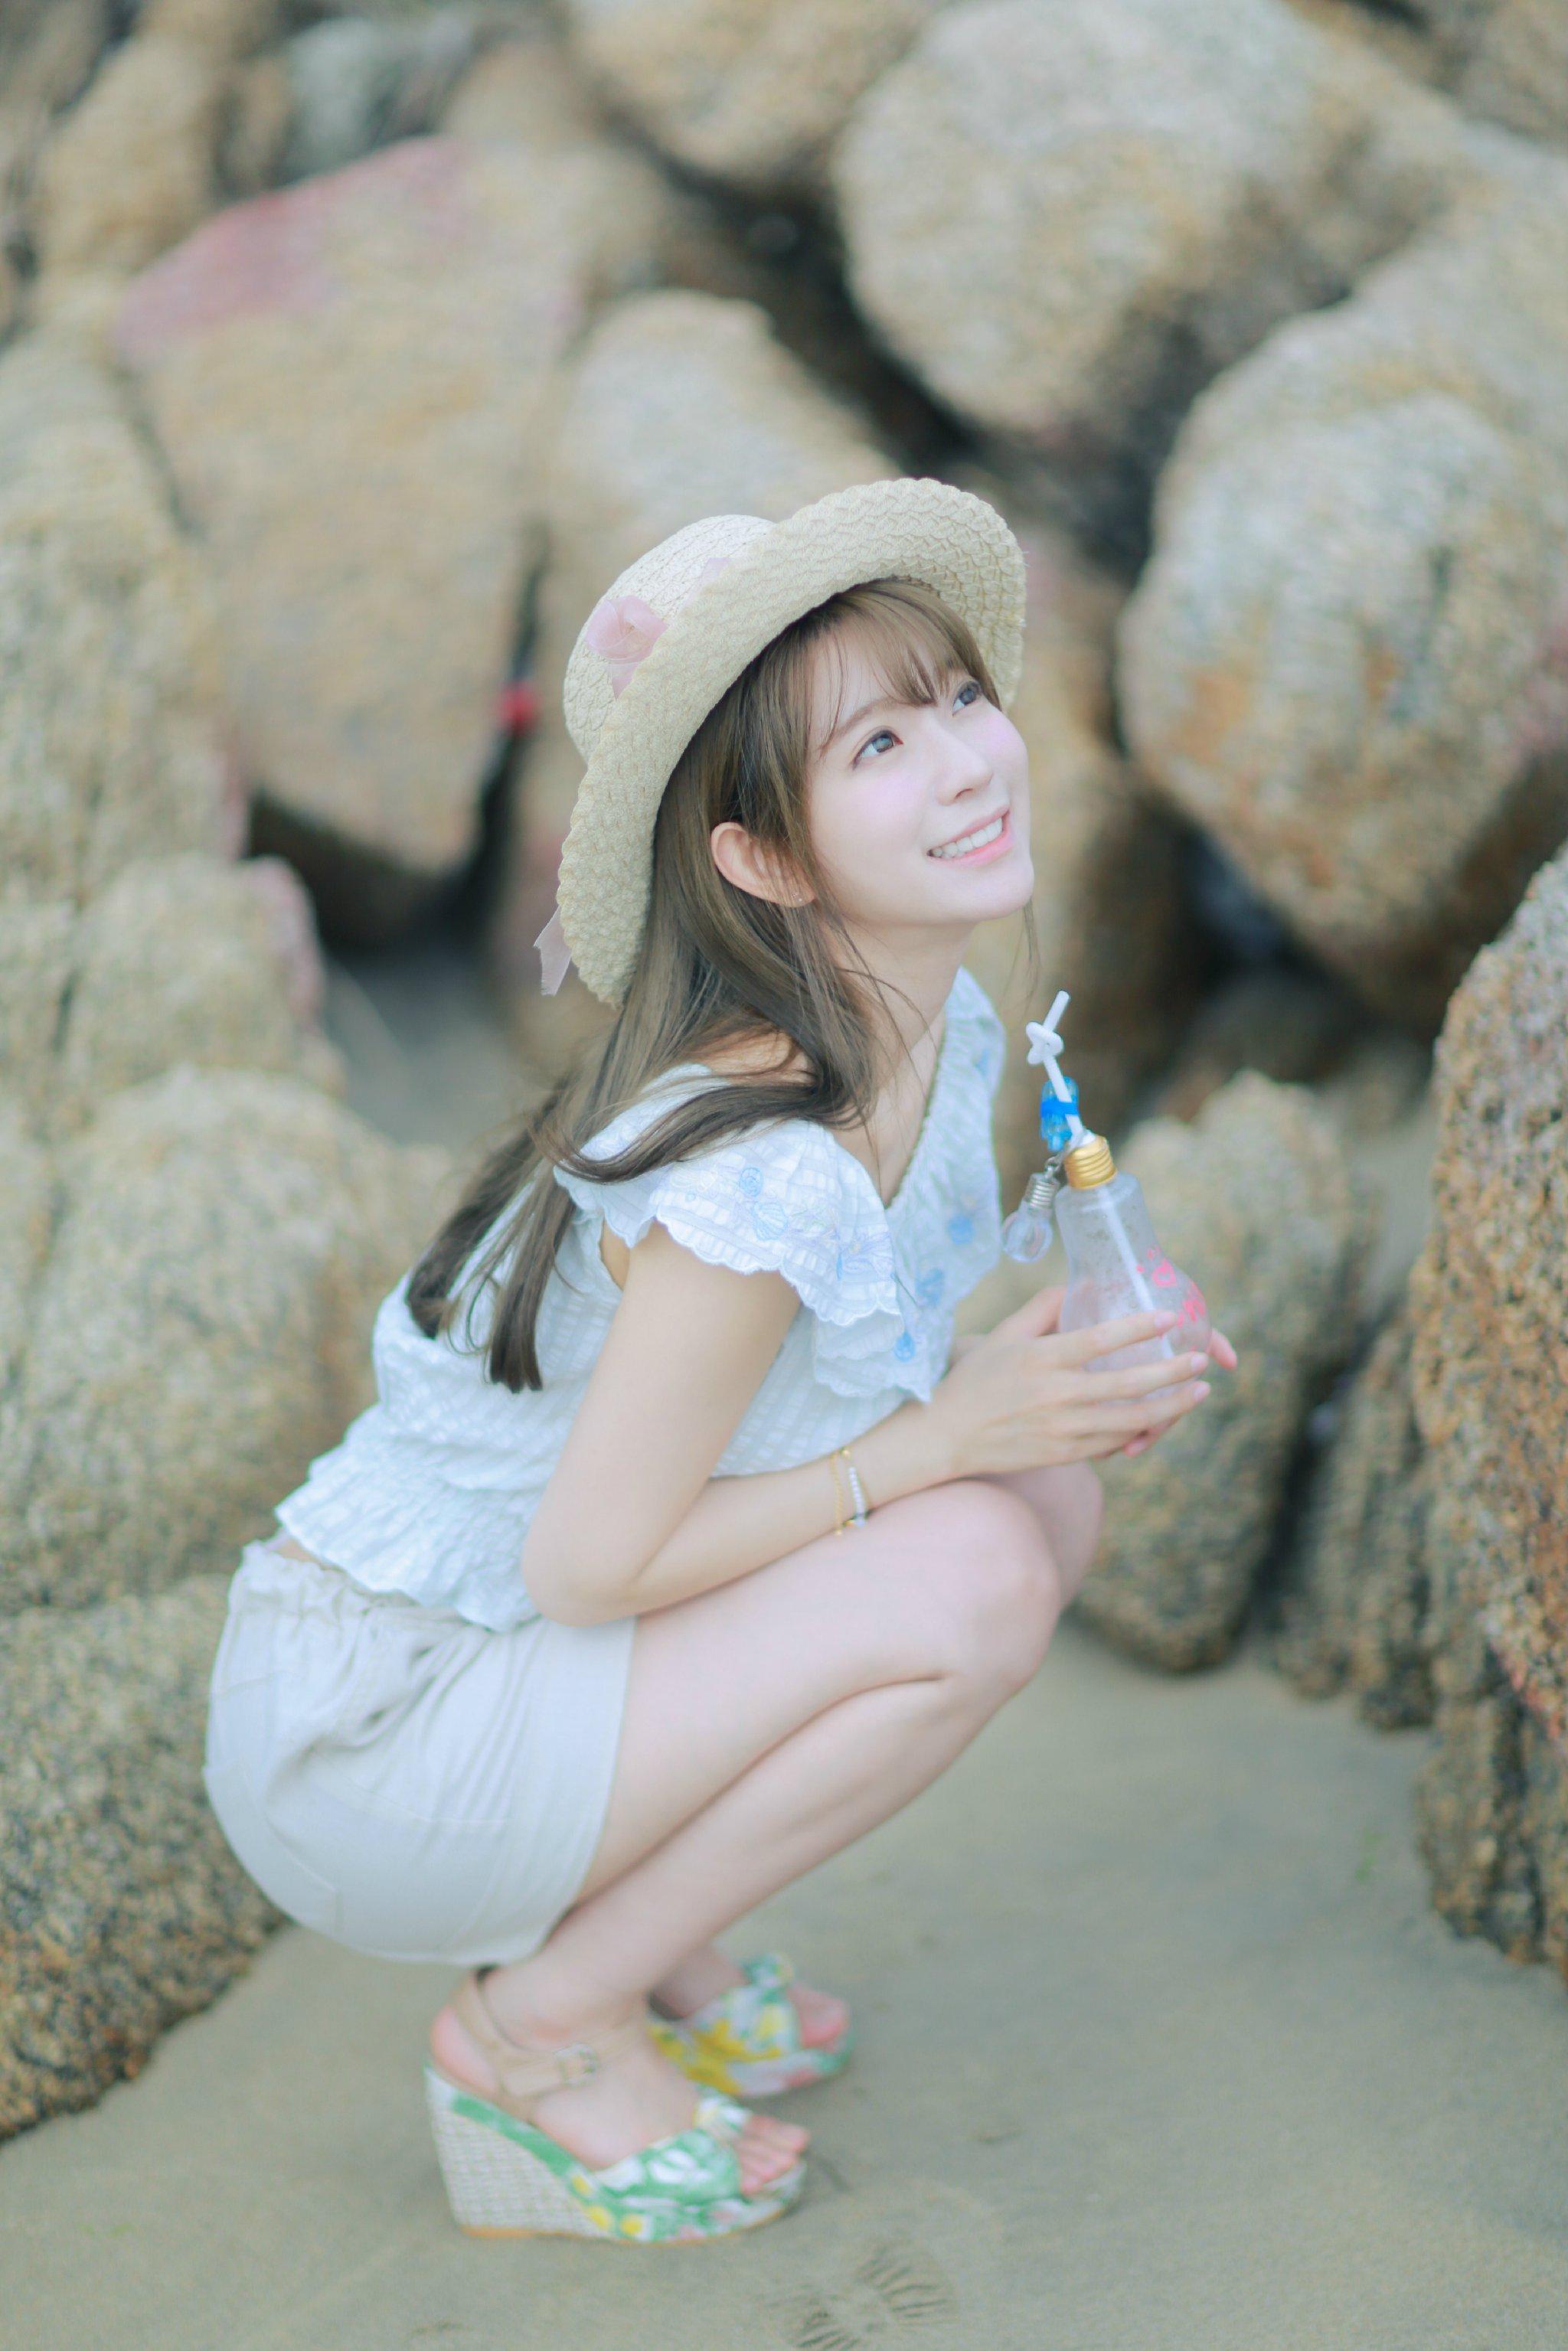 yurisa:好久不见